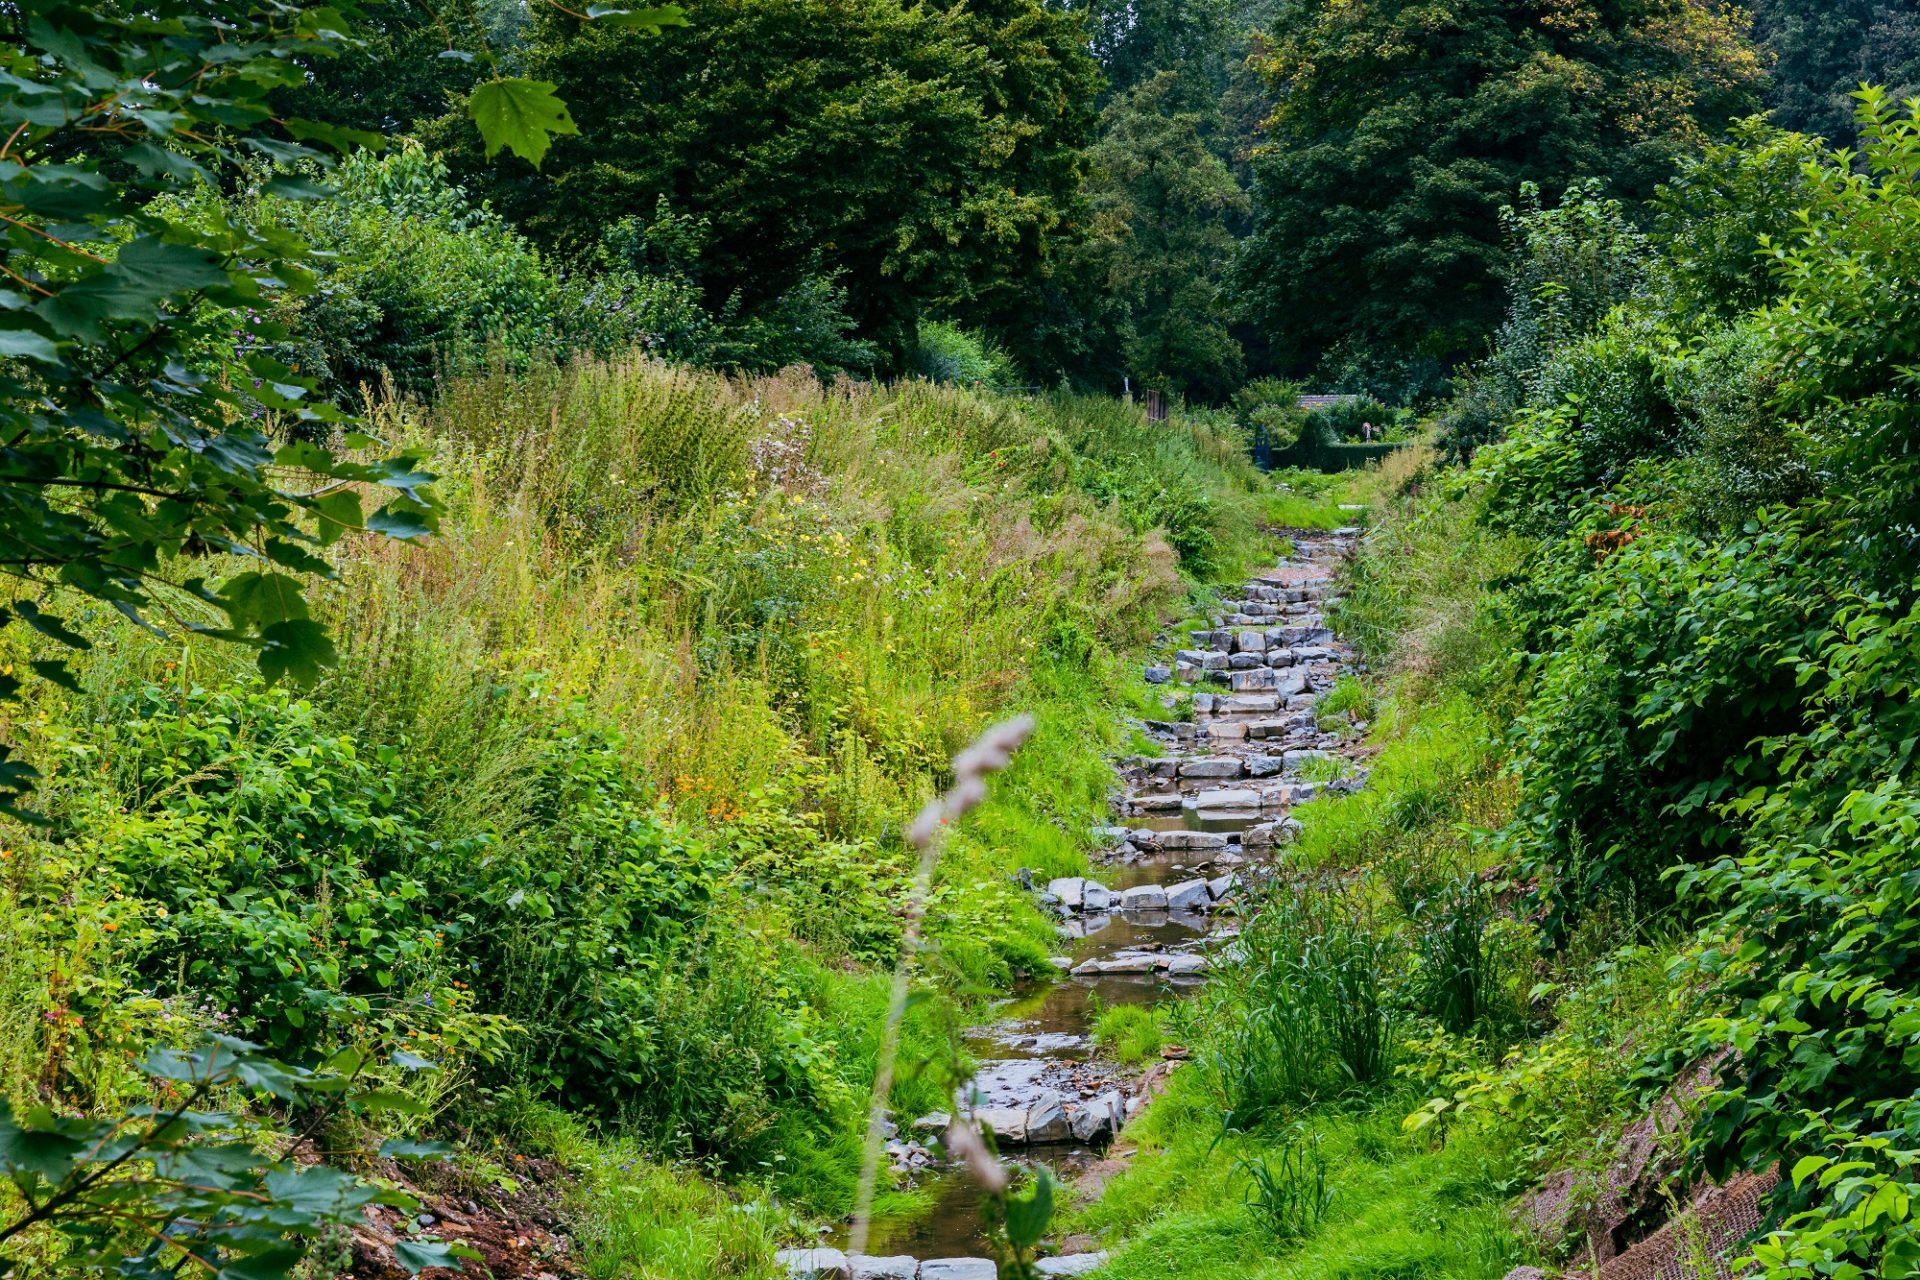 Naturnaher Ausbau heißt es, wenn Gewässer von Beton und Einengungen befreit und mit natürlichen Mitteln gestaltet werden, wie hier der Pillebach. Foto: Johannes Boventer